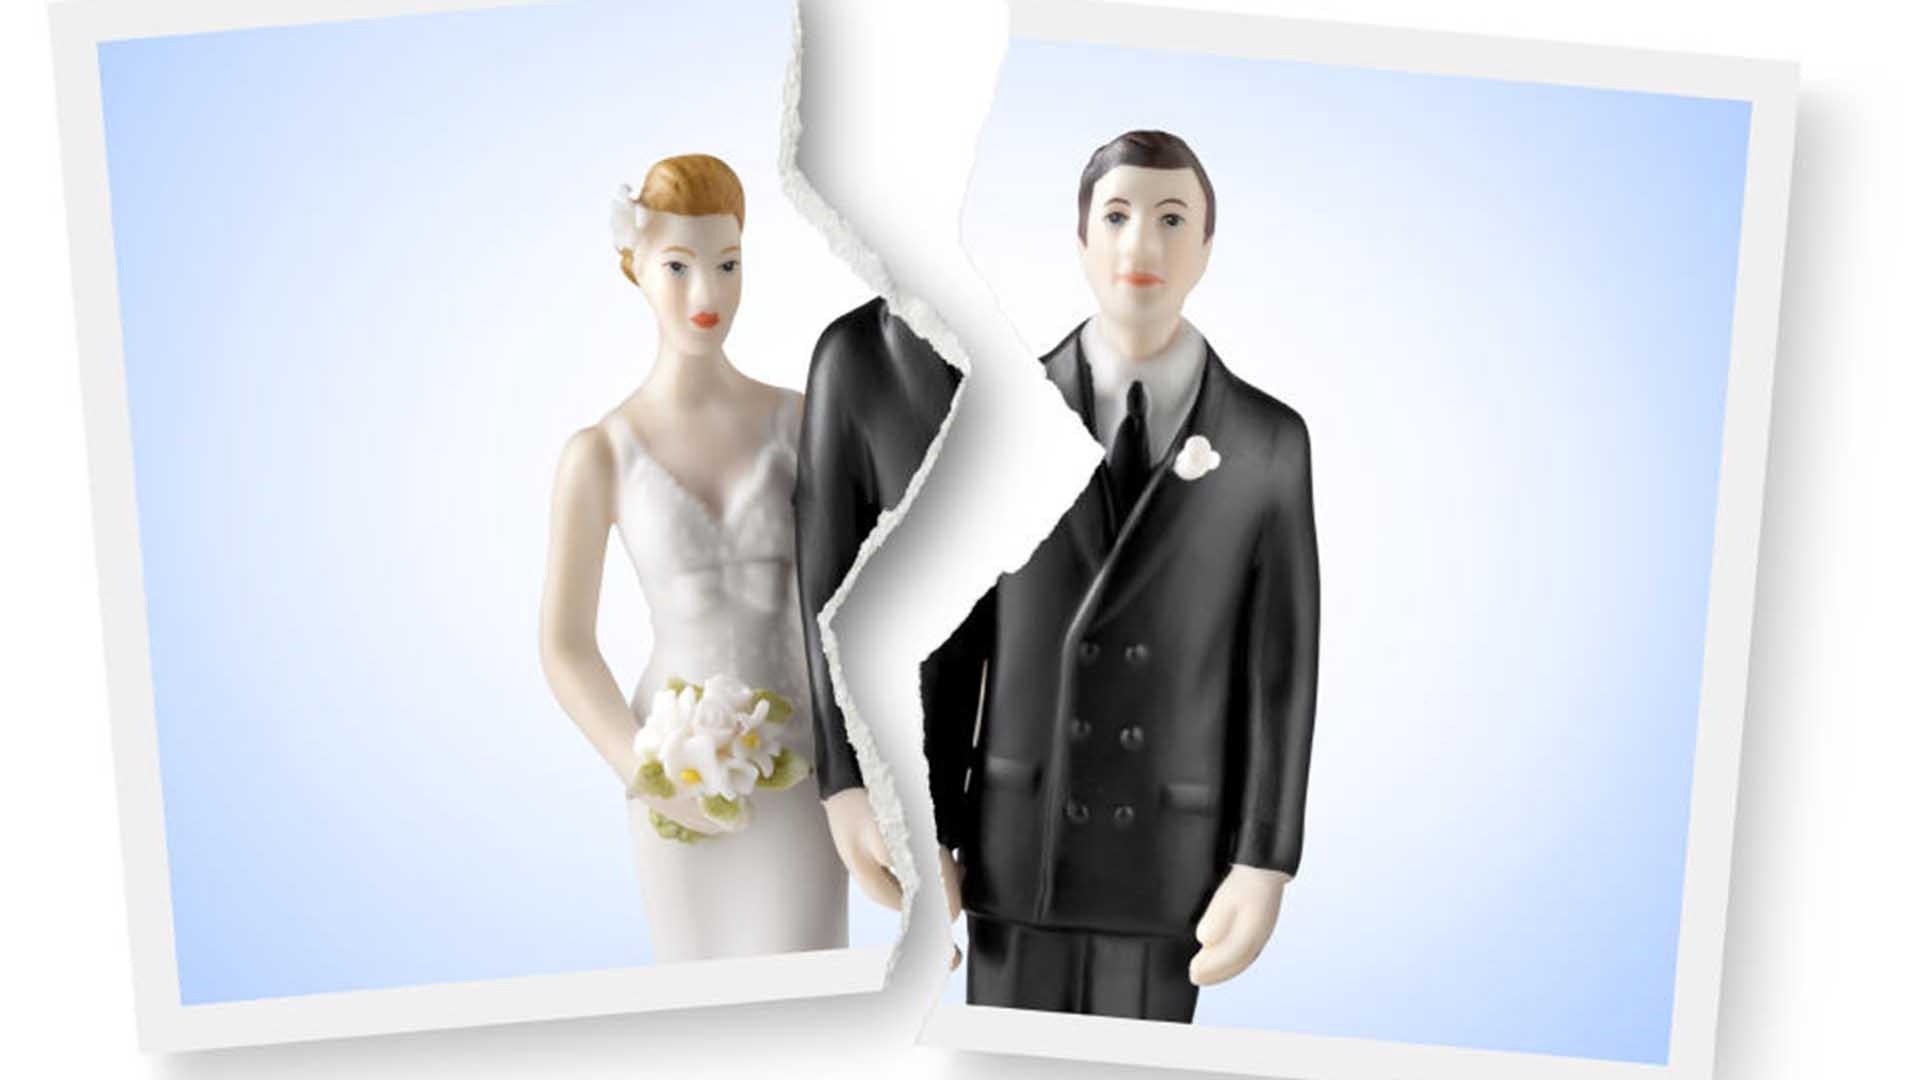 La nuova relazione dell'ex moglie ha influenza...